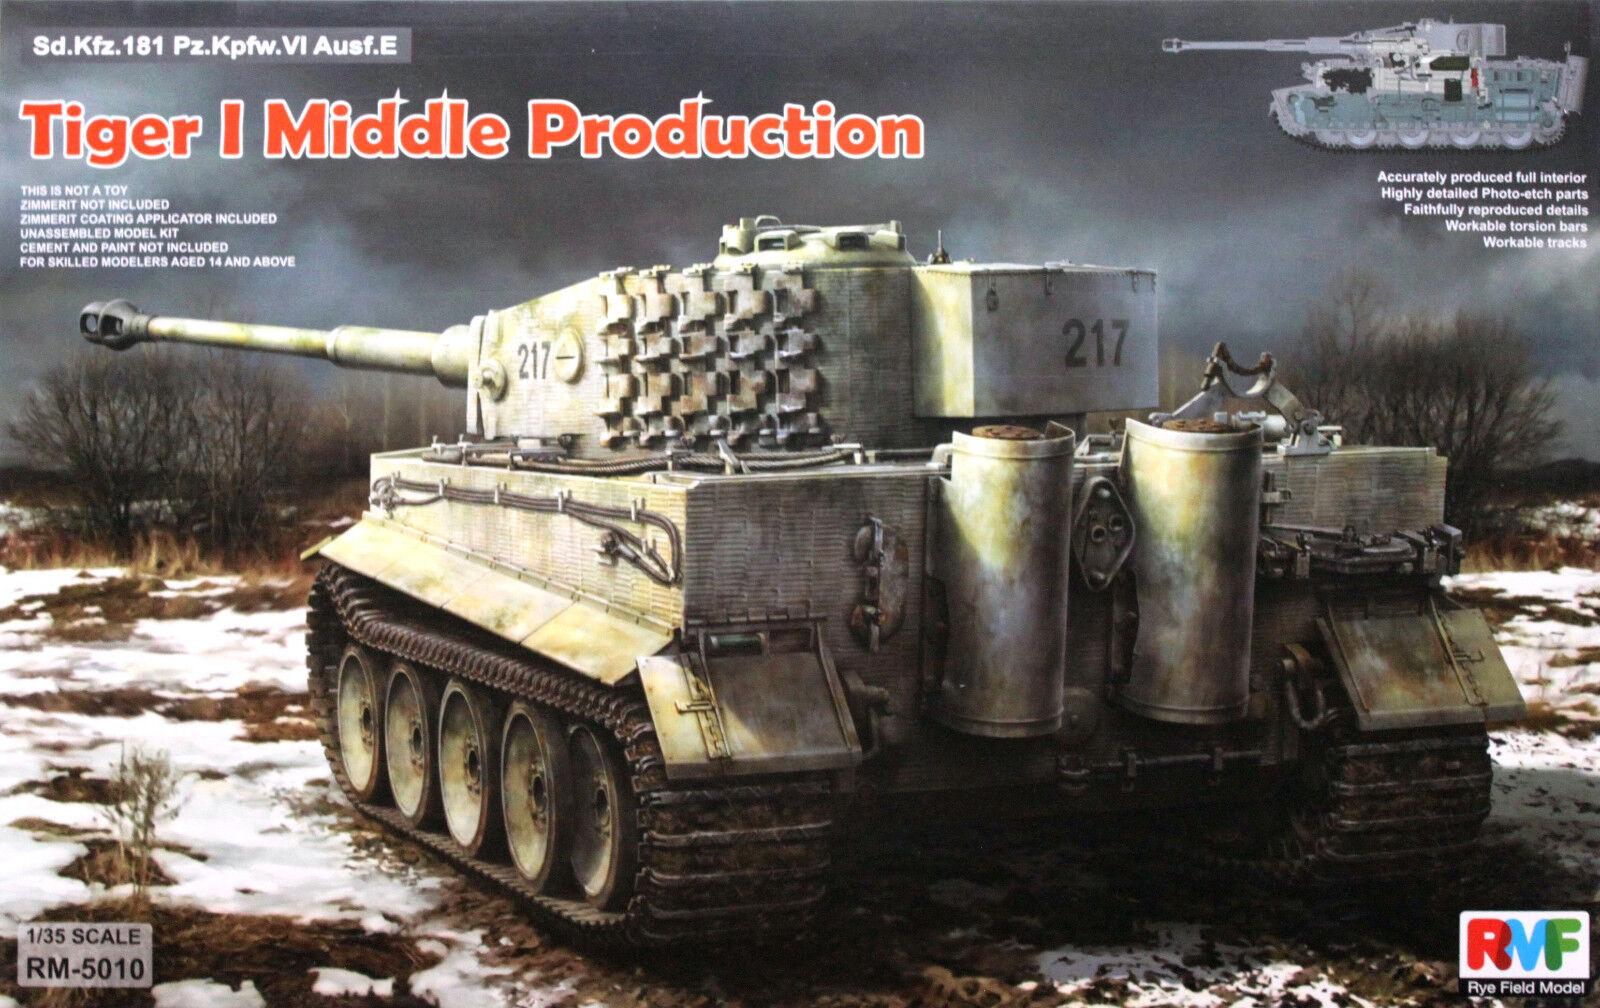 RMF 1  35 RM -5010 WWWII Tyska Tiger I Pz.Kpfw.VI AuSF.E Mid Prod. w  Full interiör